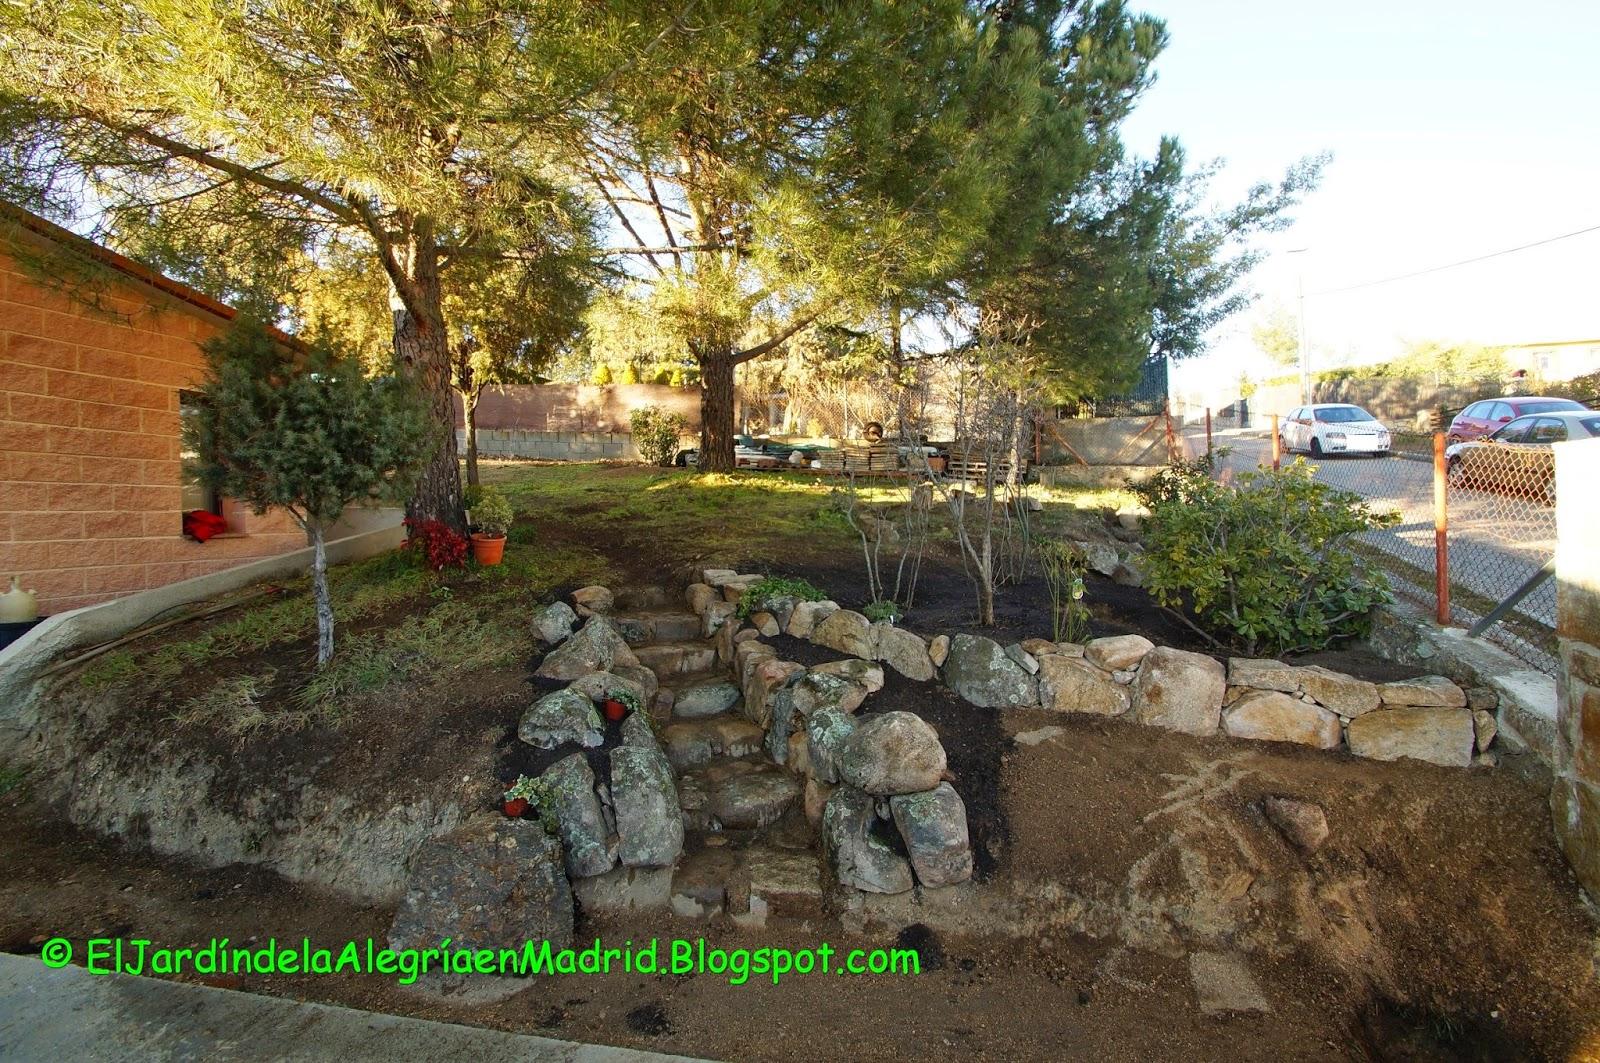 El jard n de la alegr a bancos de piedra y traviesas de - Vallas para terrenos ...